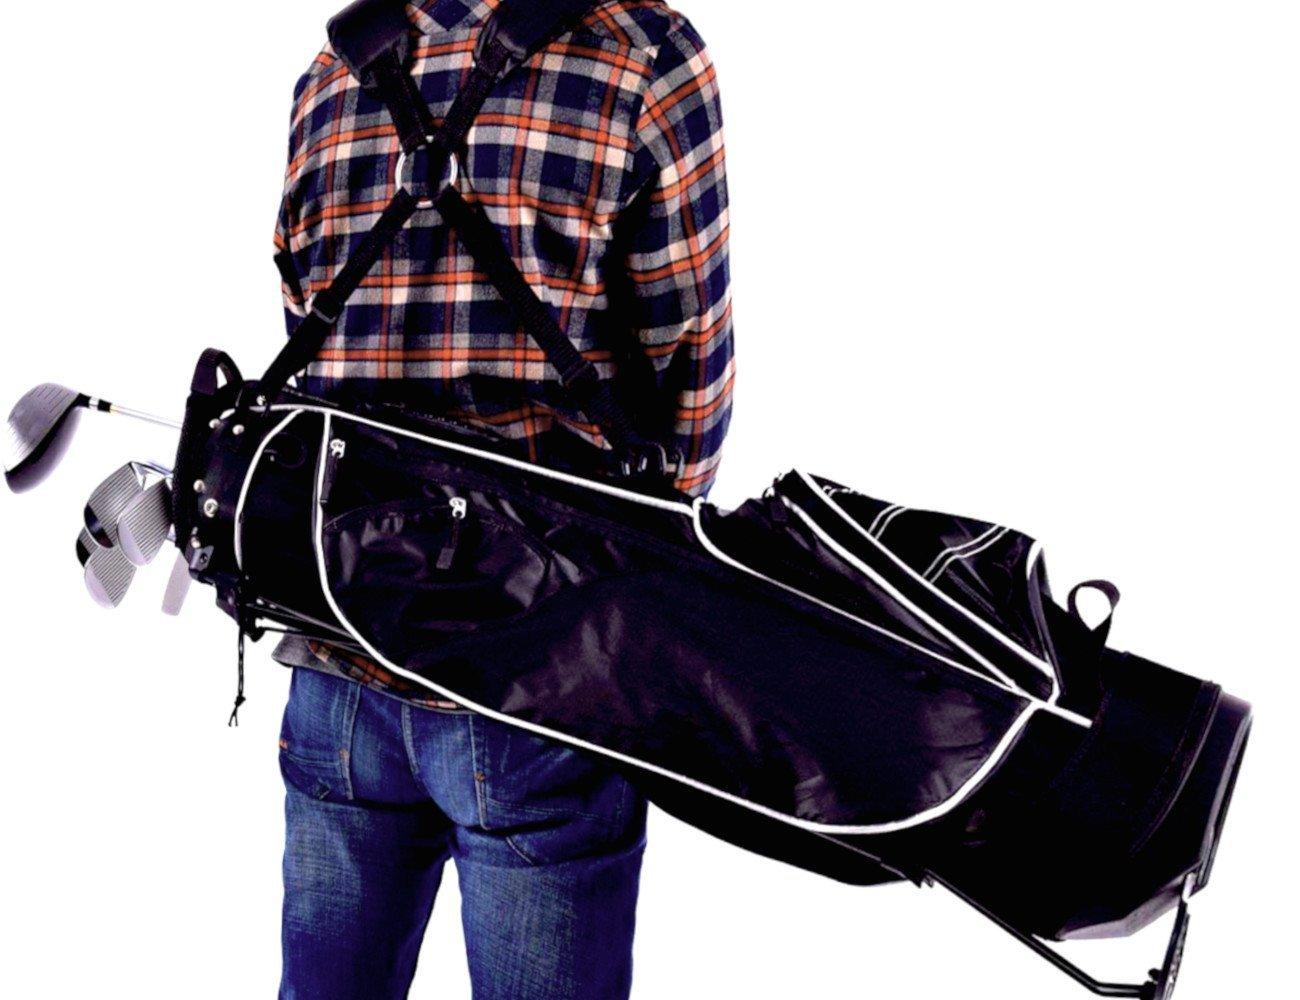 STS - Supplies Ltd Pole Vaultメンズのバッグゴルフクラブキャディ旅行女性用アクセサリーレディースカートスタンドLiteホルダー3オーガナイザー& eBook by alltim3shopping。   B07G3PM15P